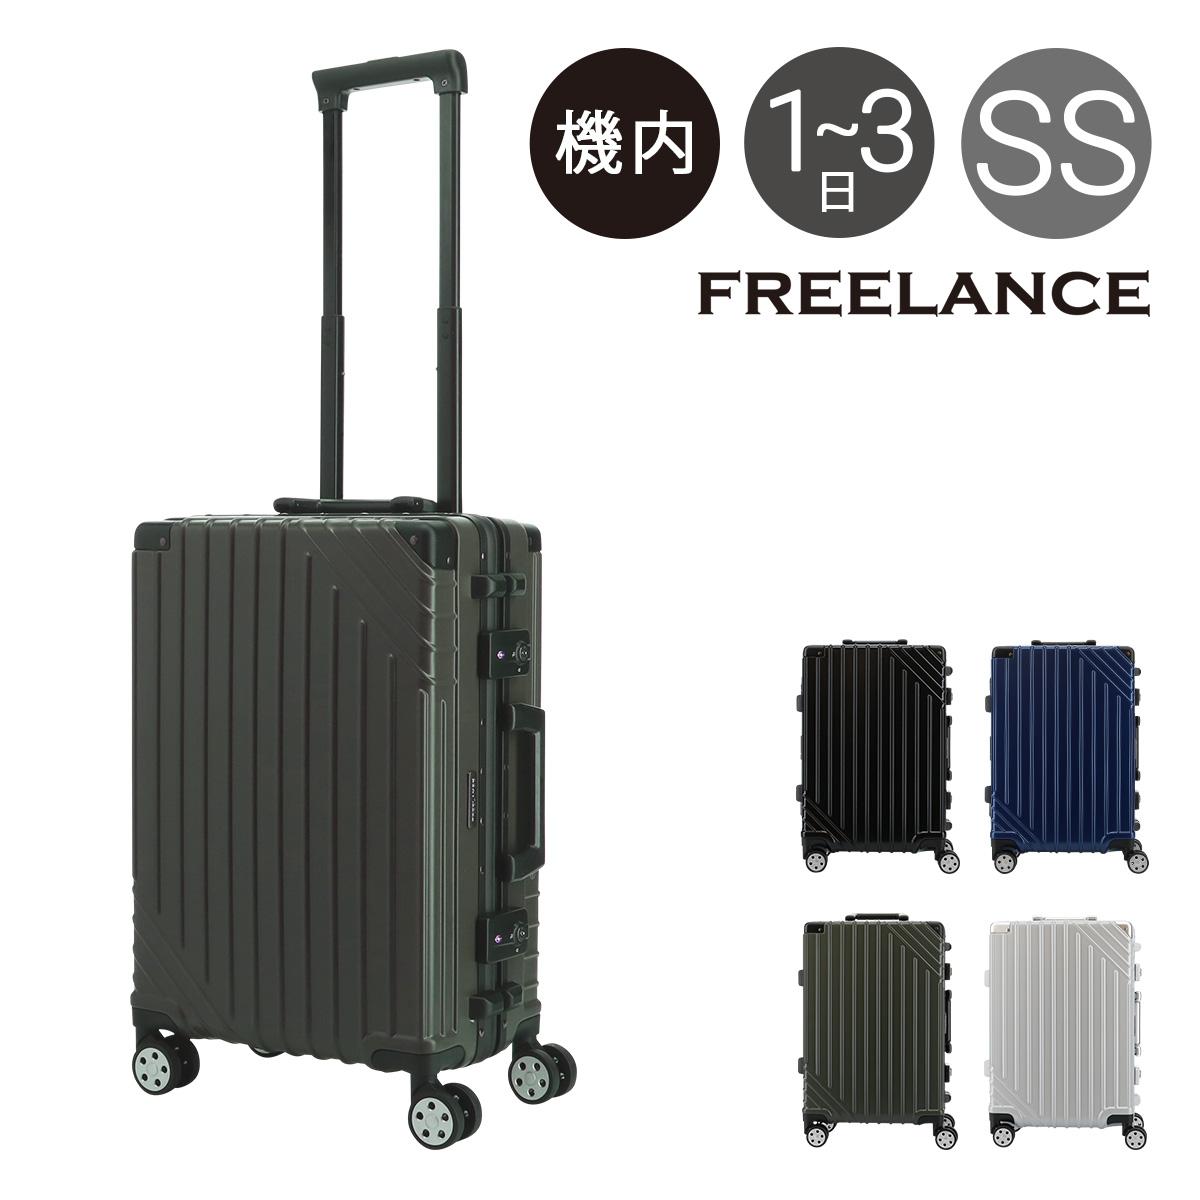 フリーランス スーツケース 4輪 当社限定 機内持ち込み 33L 48cm 3.5kg FLT-008 LCC対応 ハード フレーム  FREELANCE TSAロック搭載 おしゃれ キャリーバッグ キャリーケース ビジネスキャリー[PO5][bef][即日発送]